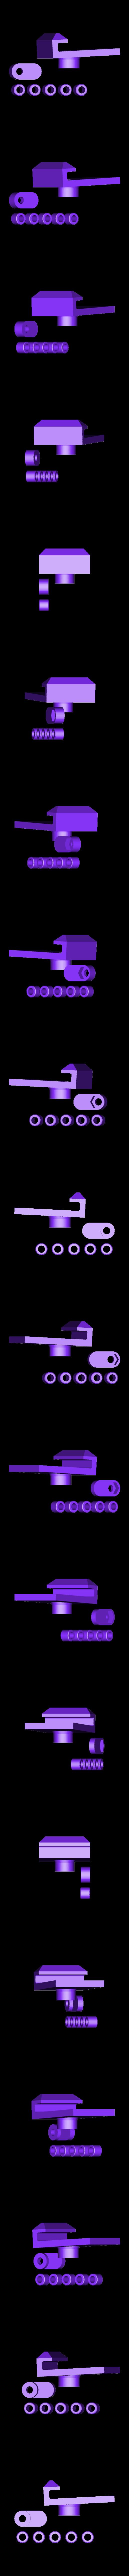 spool-shaft.stl Télécharger fichier STL gratuit Flashforge Creator Pro Super Duper Spool Hanger Creator Pro • Design pour impression 3D, zapta